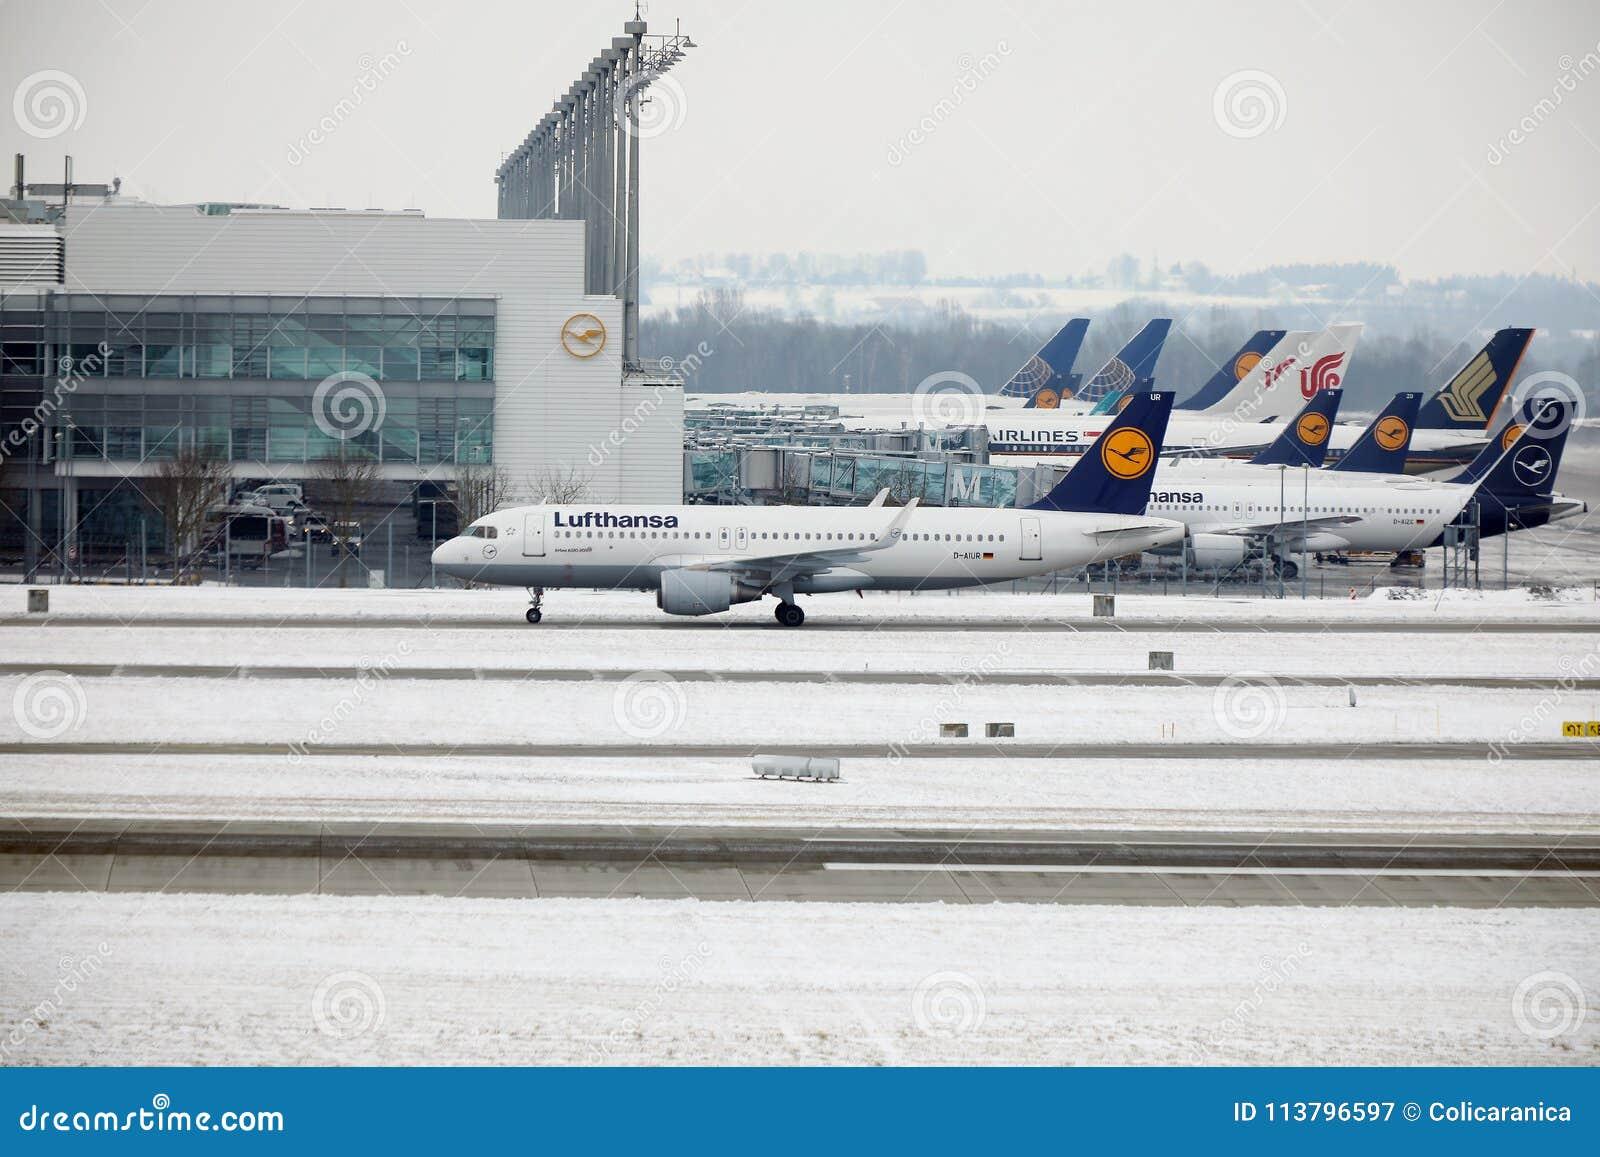 Tapis roulant al terminal aeroporto di monaco di baviera